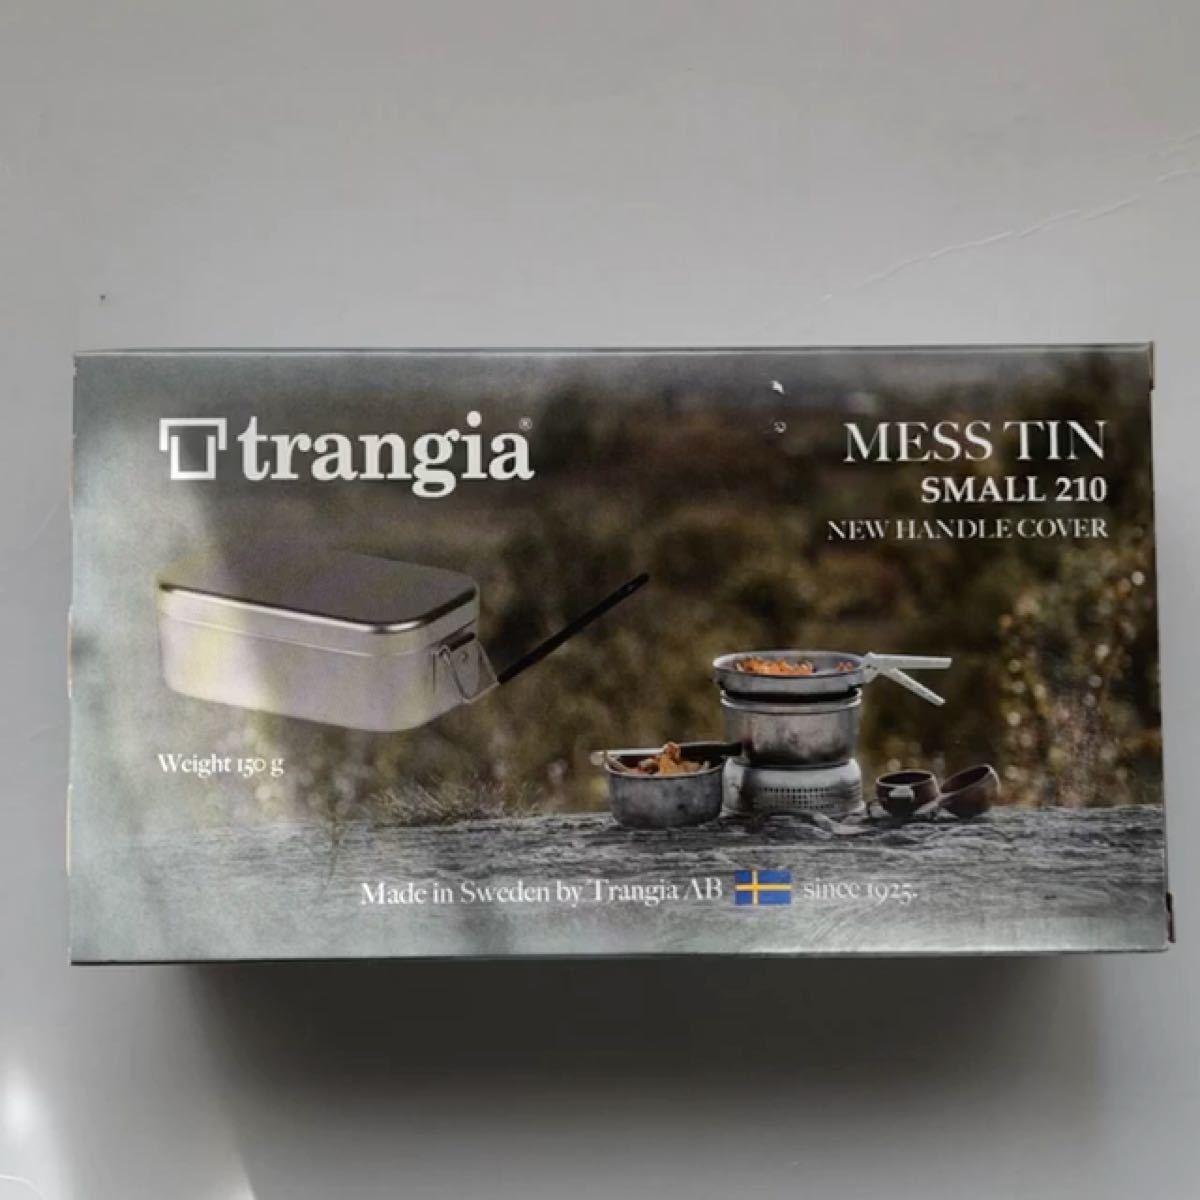 新品未使用品! trangia トランギア メスティン TR-210